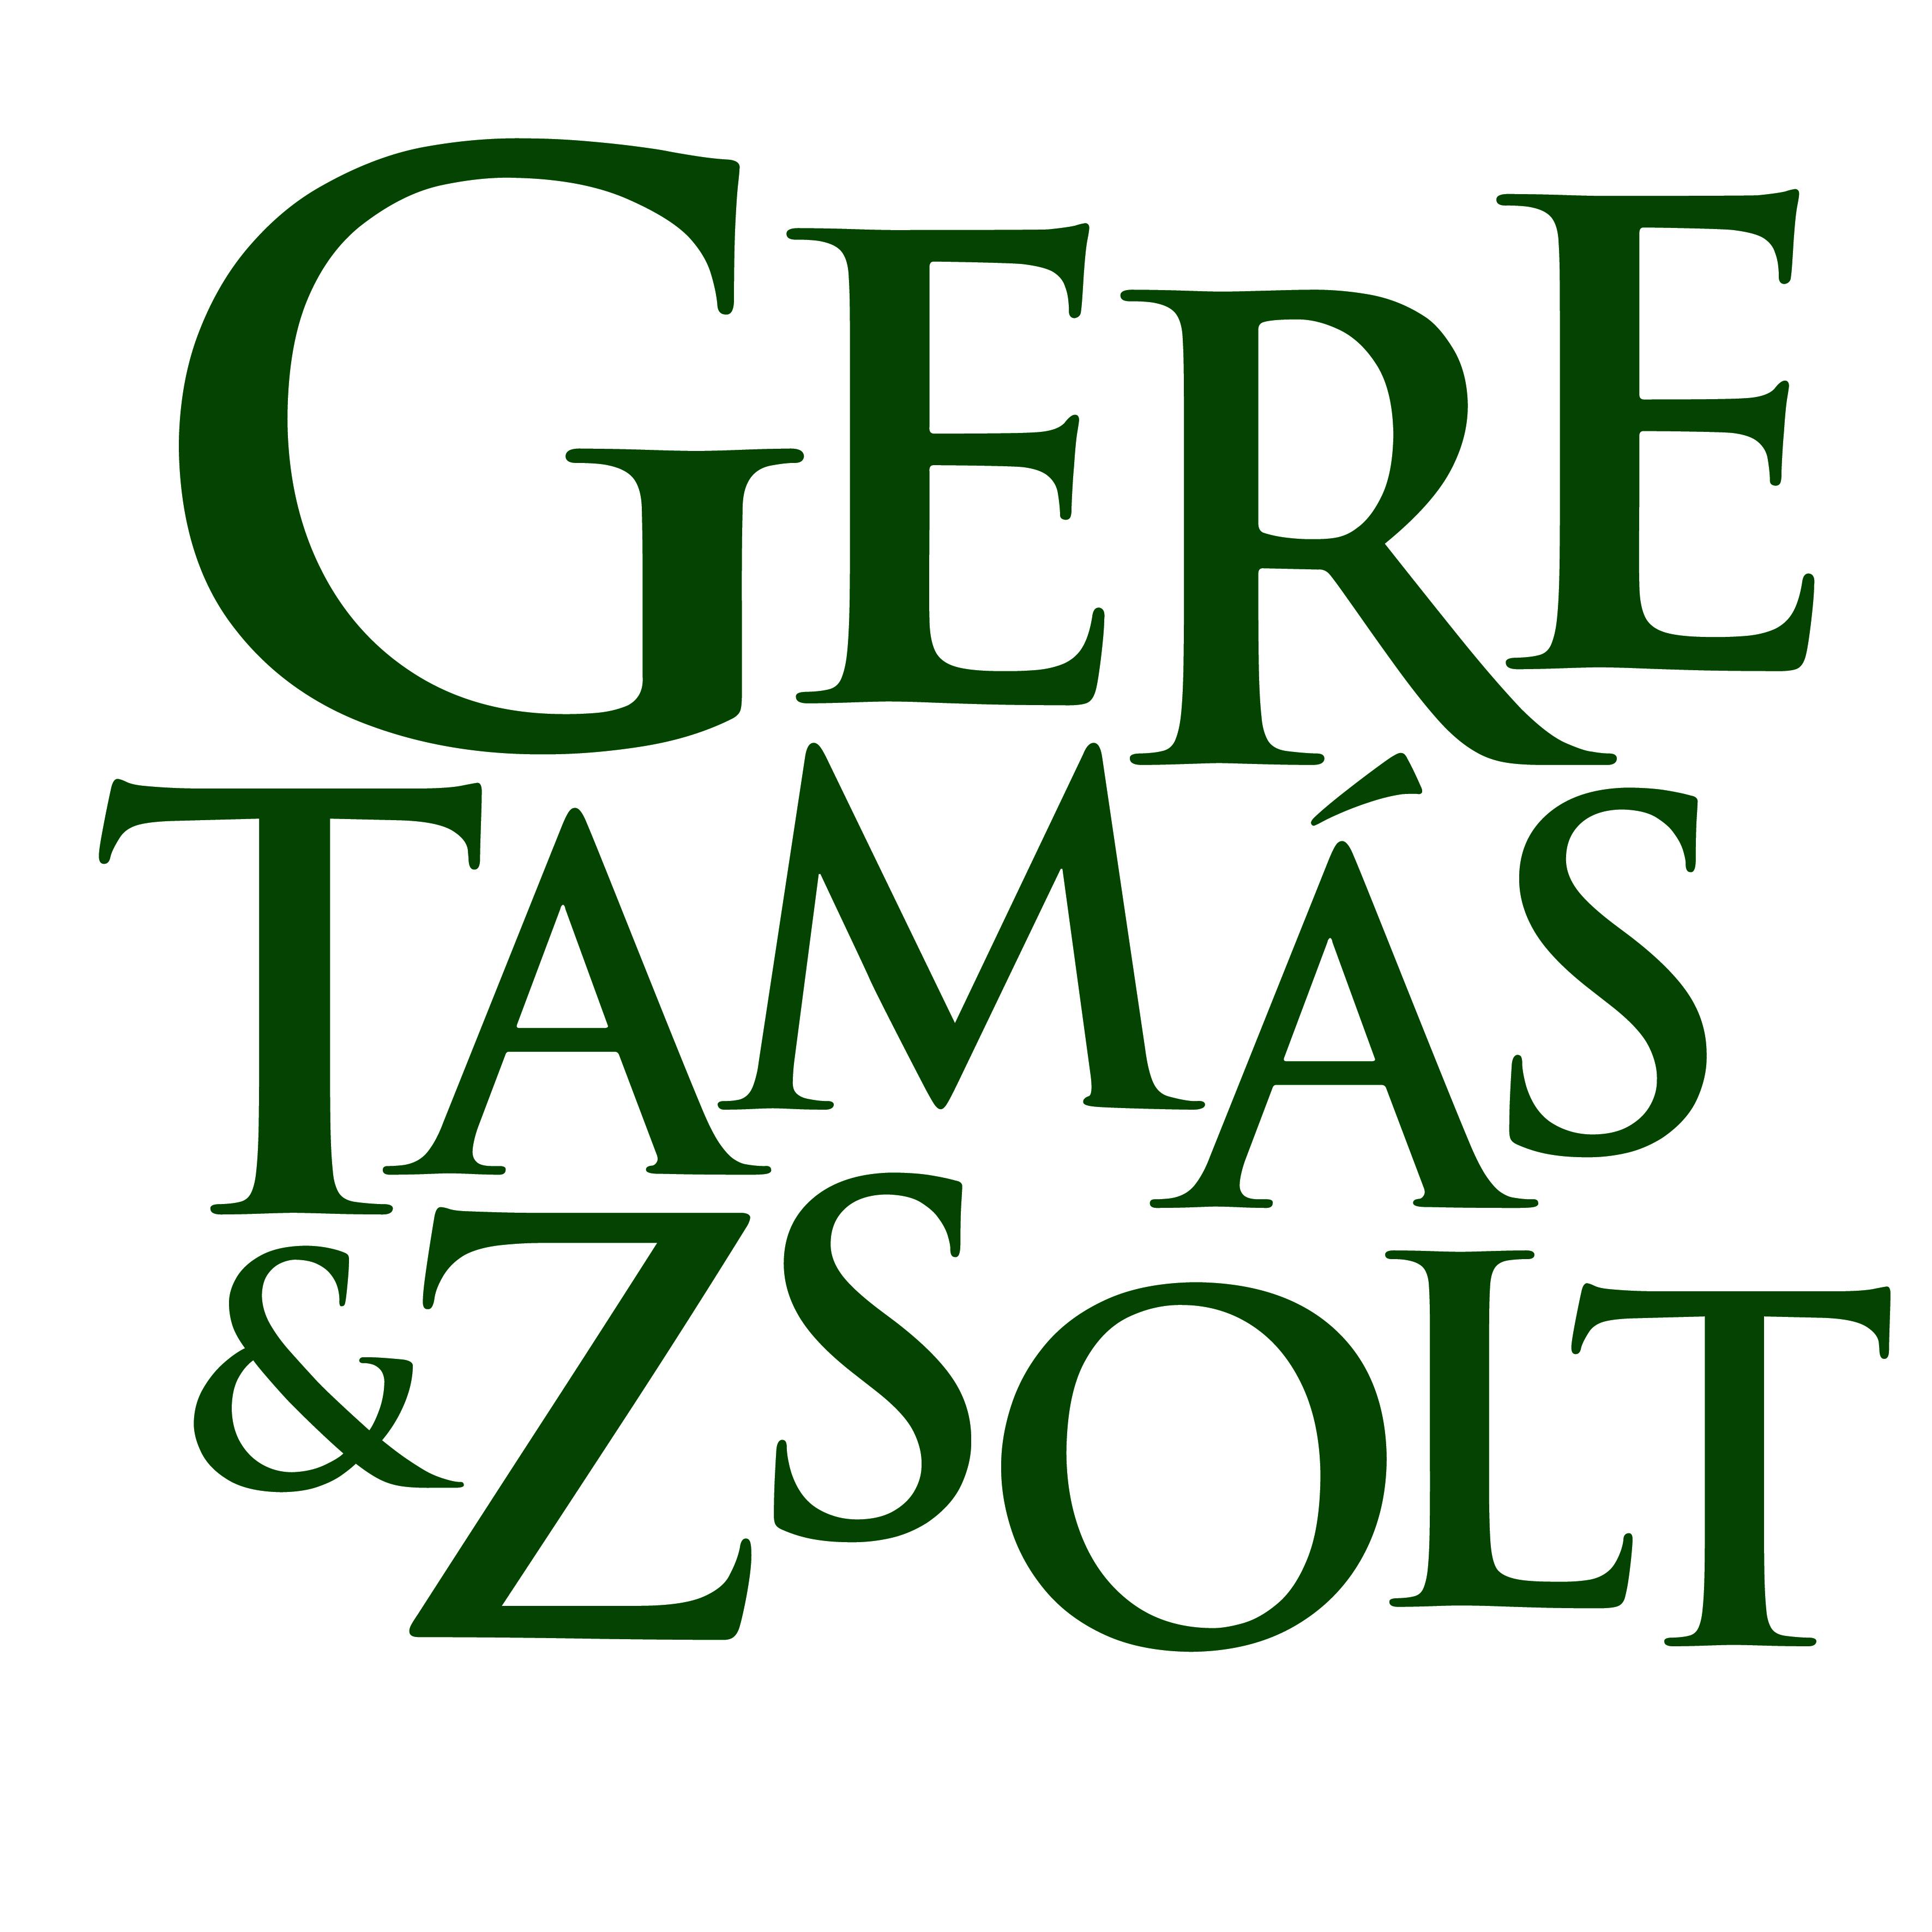 Gerre Pincészet logo - Konferencia támogatója